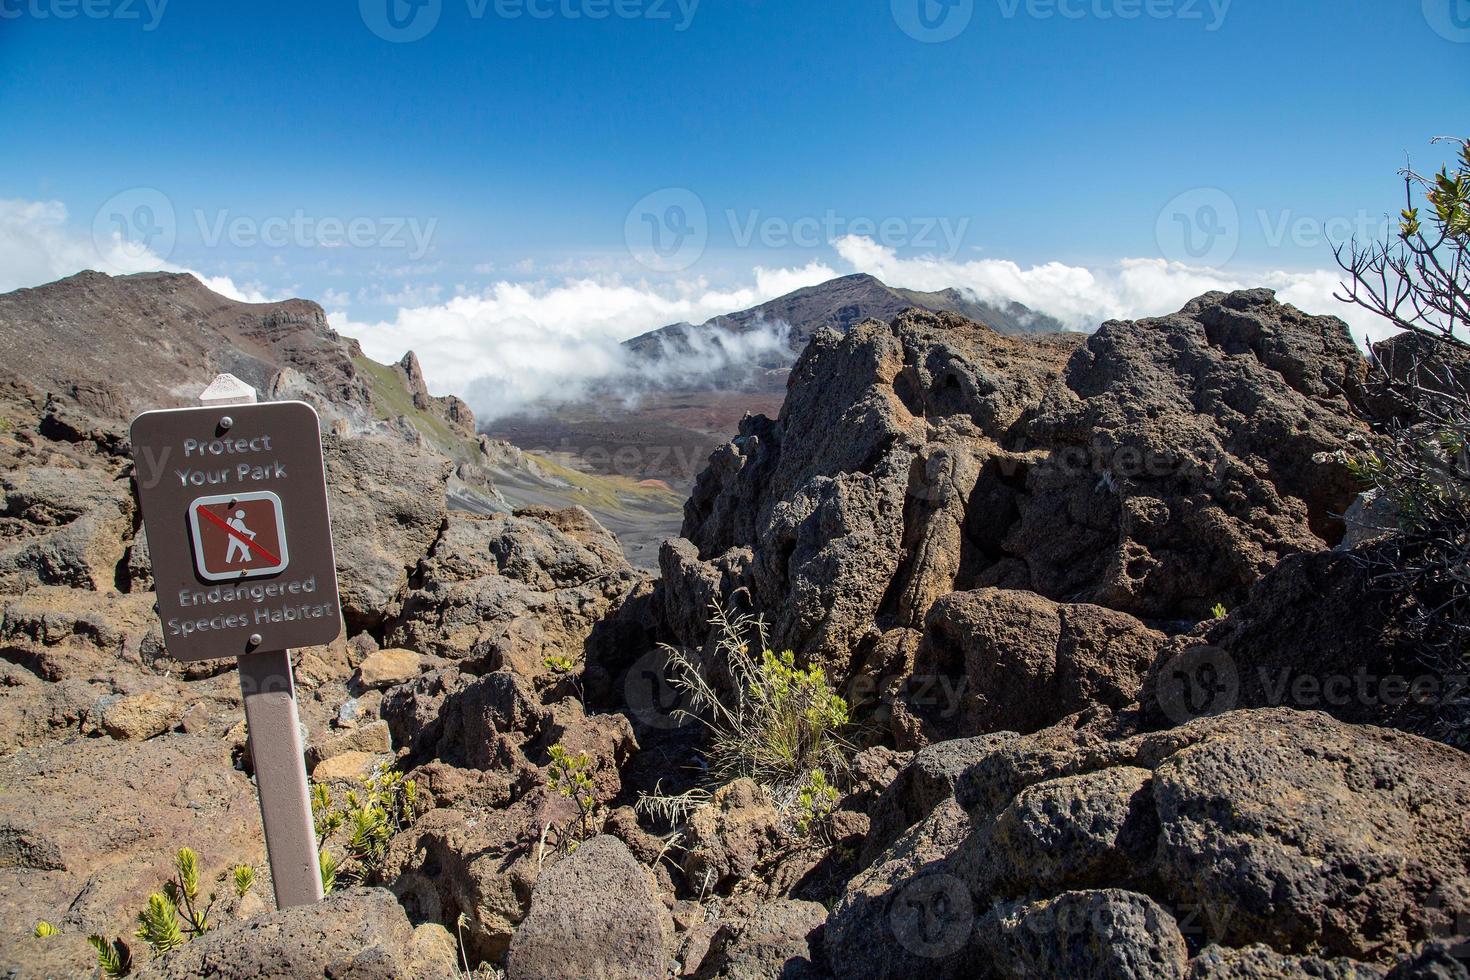 USA - Hawaii - Maui, Haleakala National Park photo